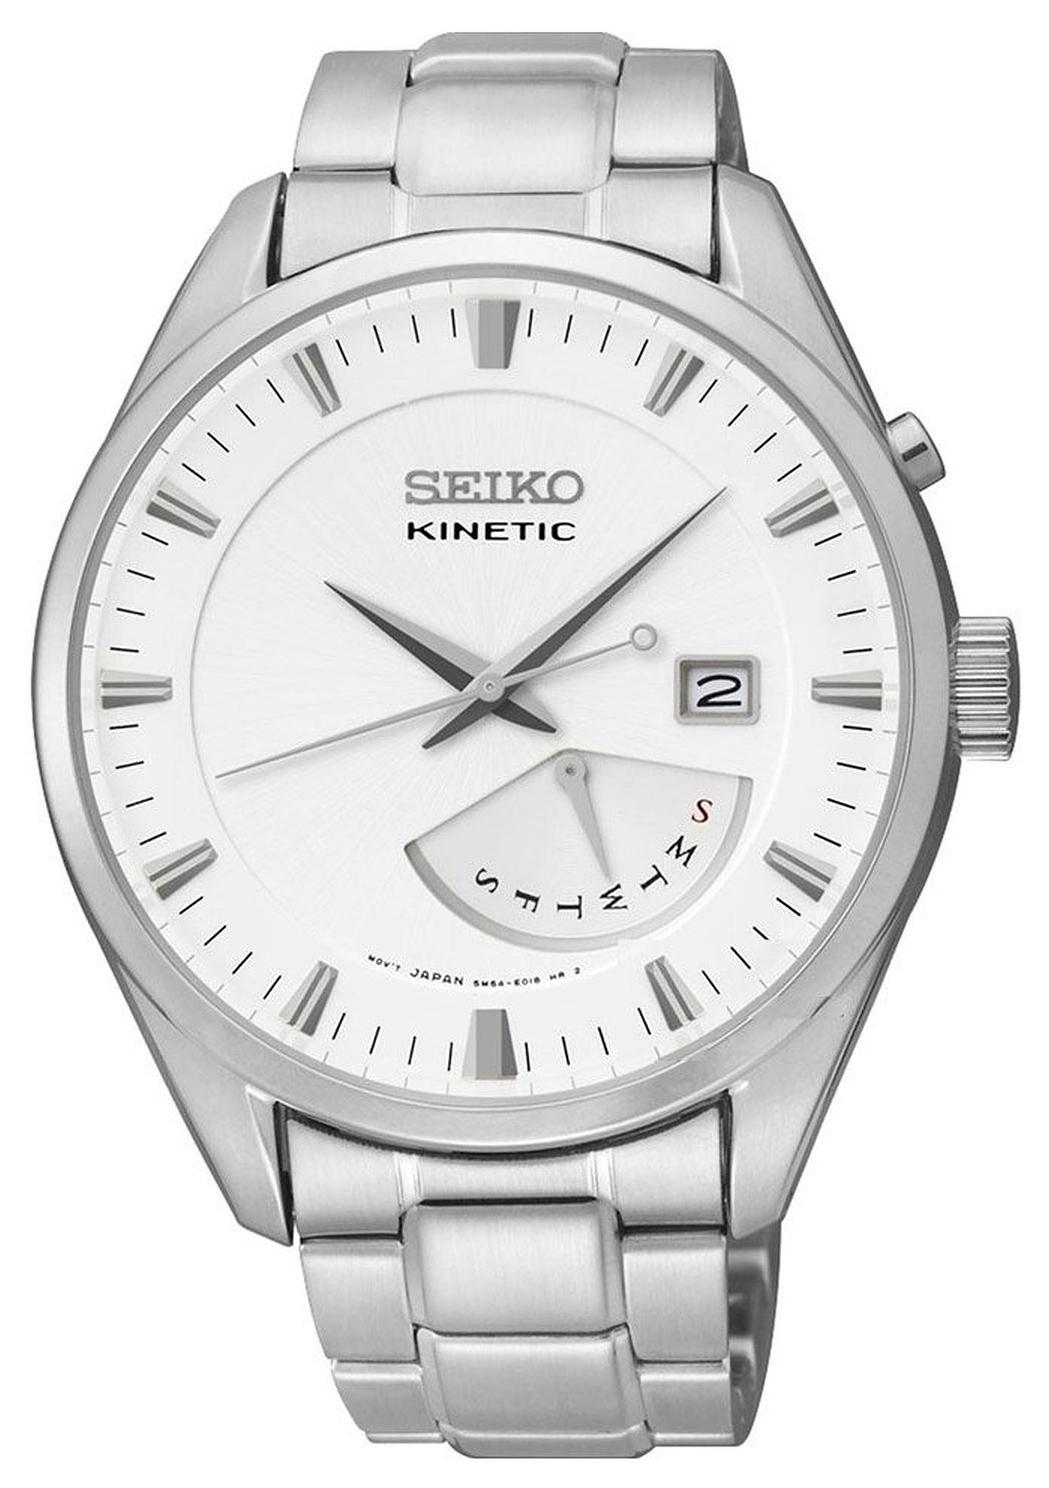 Seiko Herrklocka SRN043P1 Silverfärgad/Stål Ø42 mm - Seiko